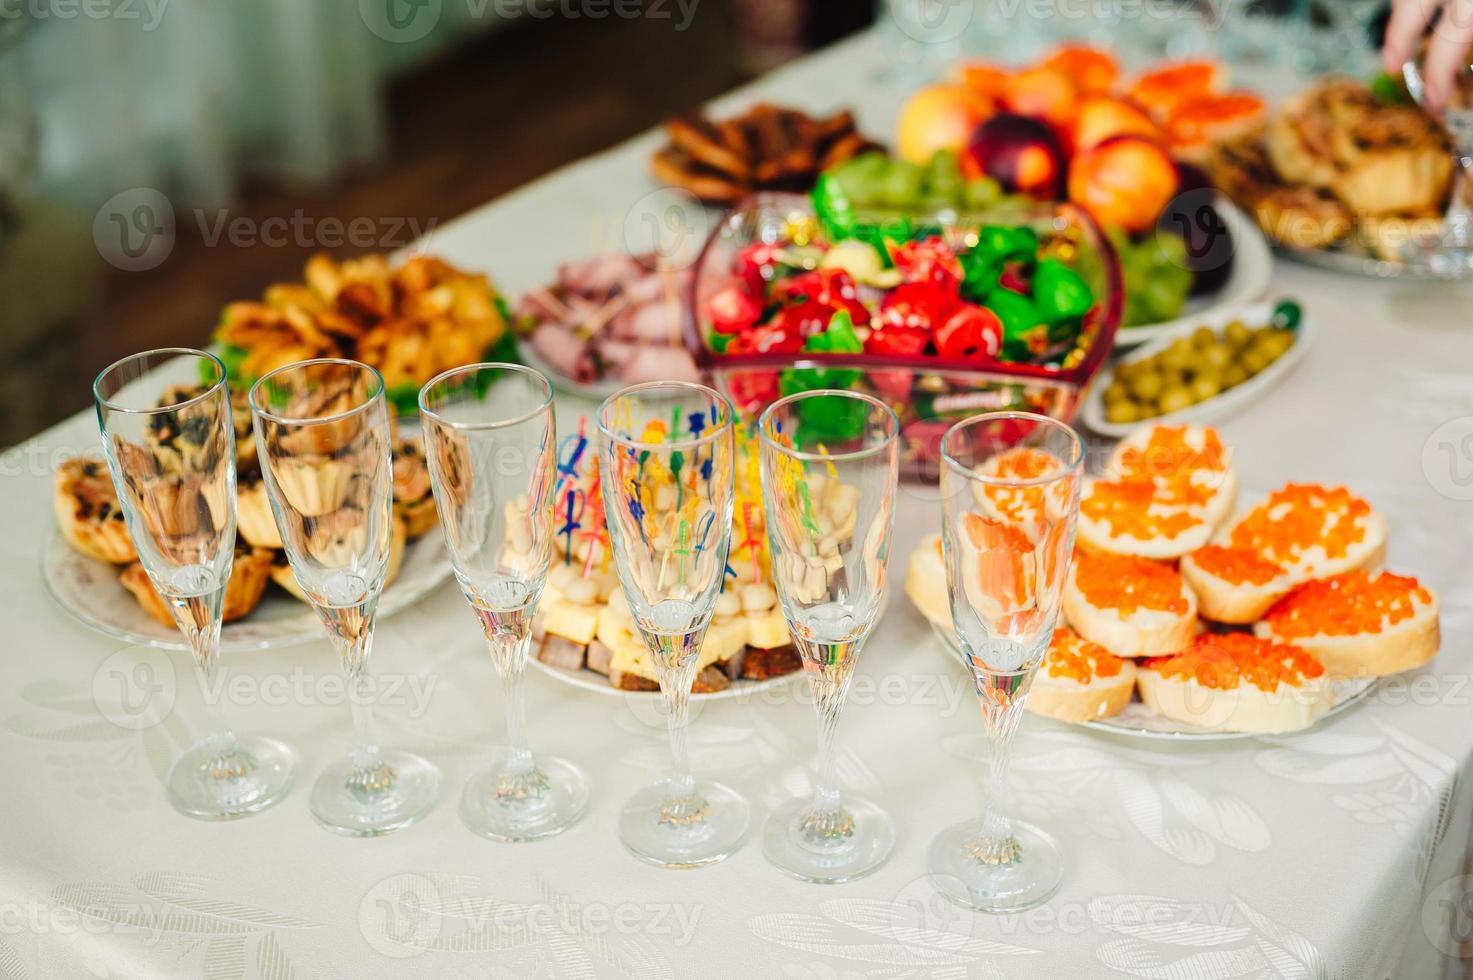 table avec nourriture et boisson photo